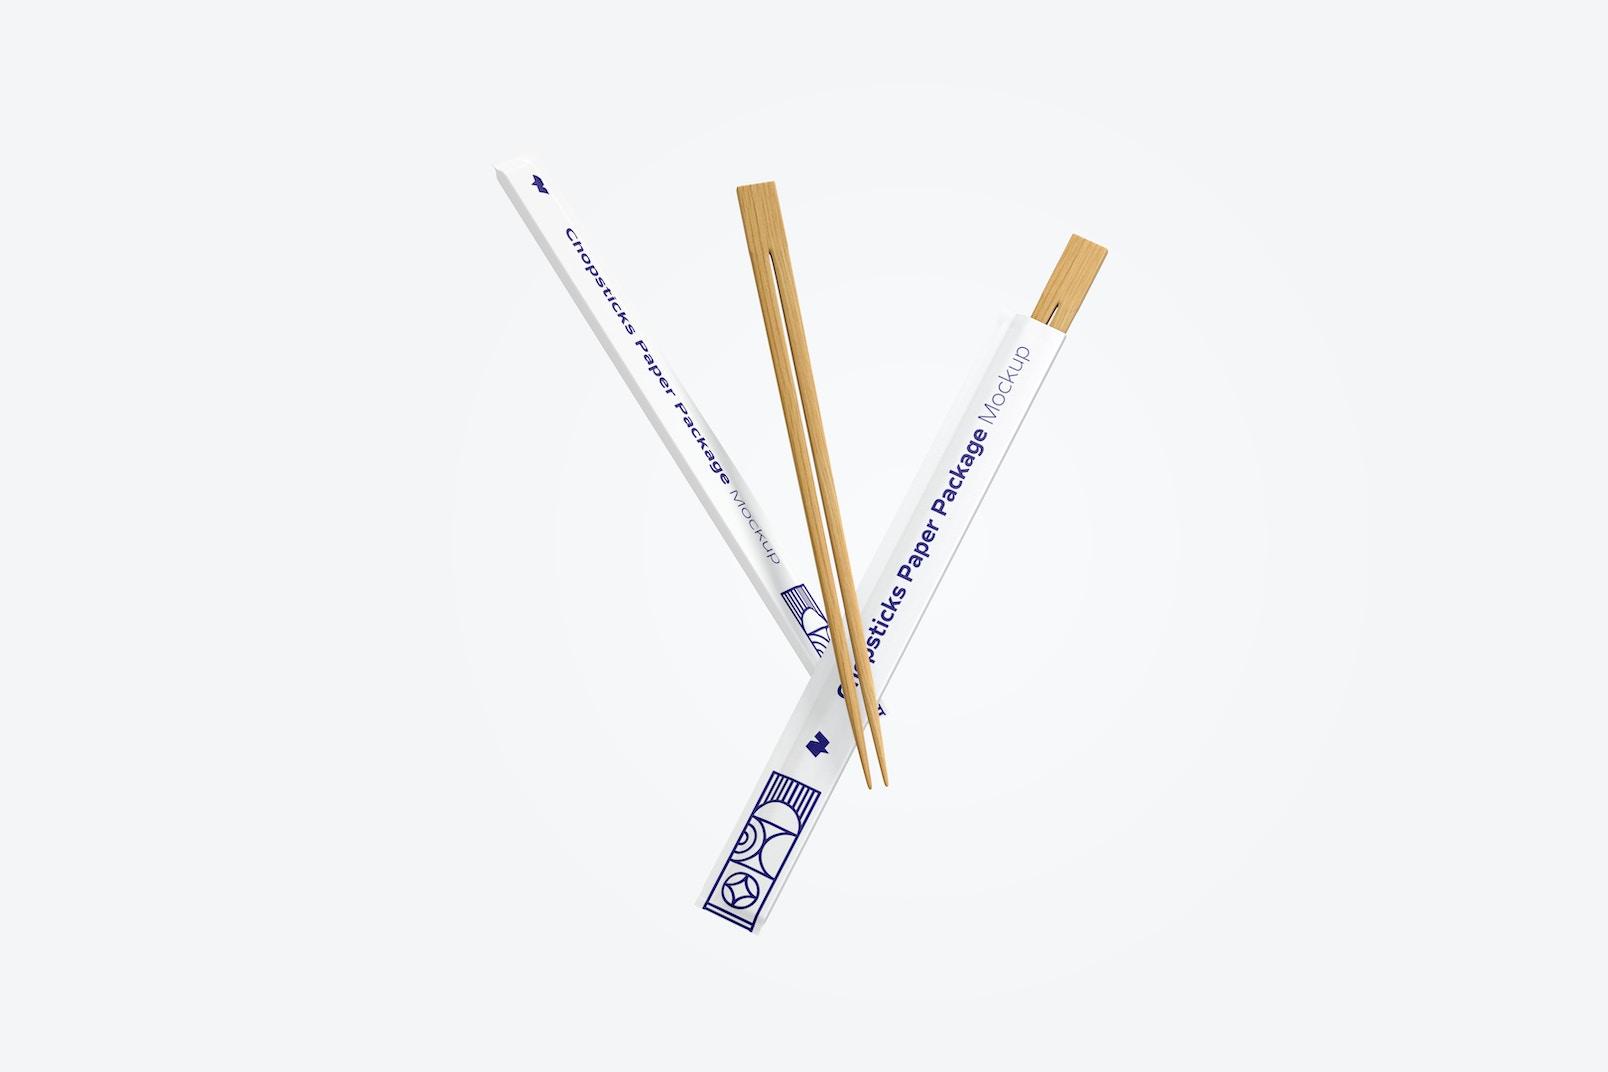 Chopsticks Paper Packages Mockup, Floating